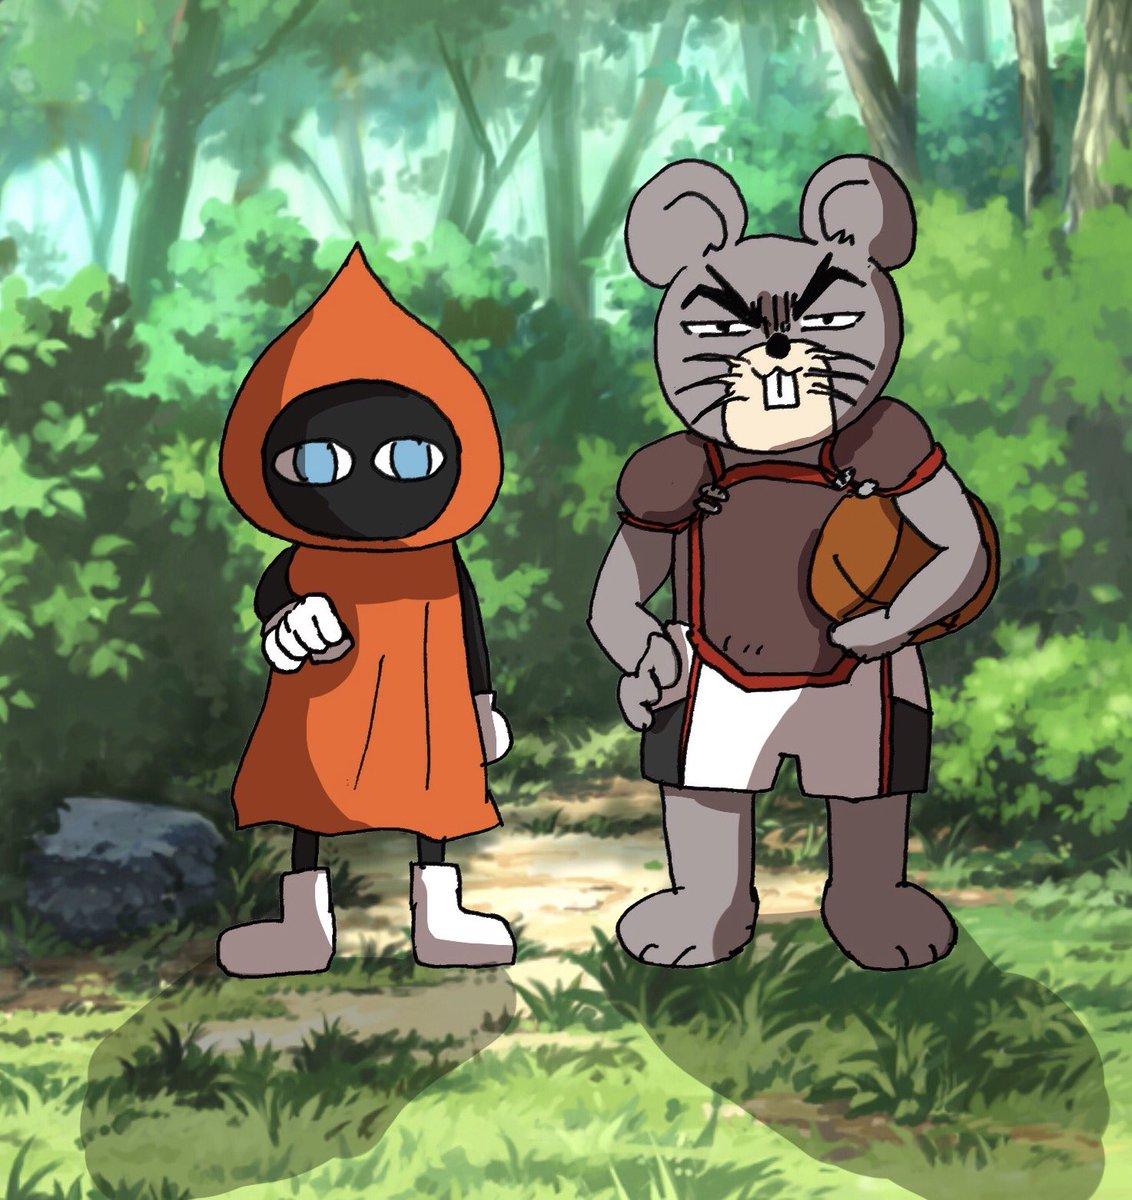 「クロコ(?)と タテジワネズミ(?)が あらわれた ! バスケ を したそうに こちらを みている ! 」↩︎